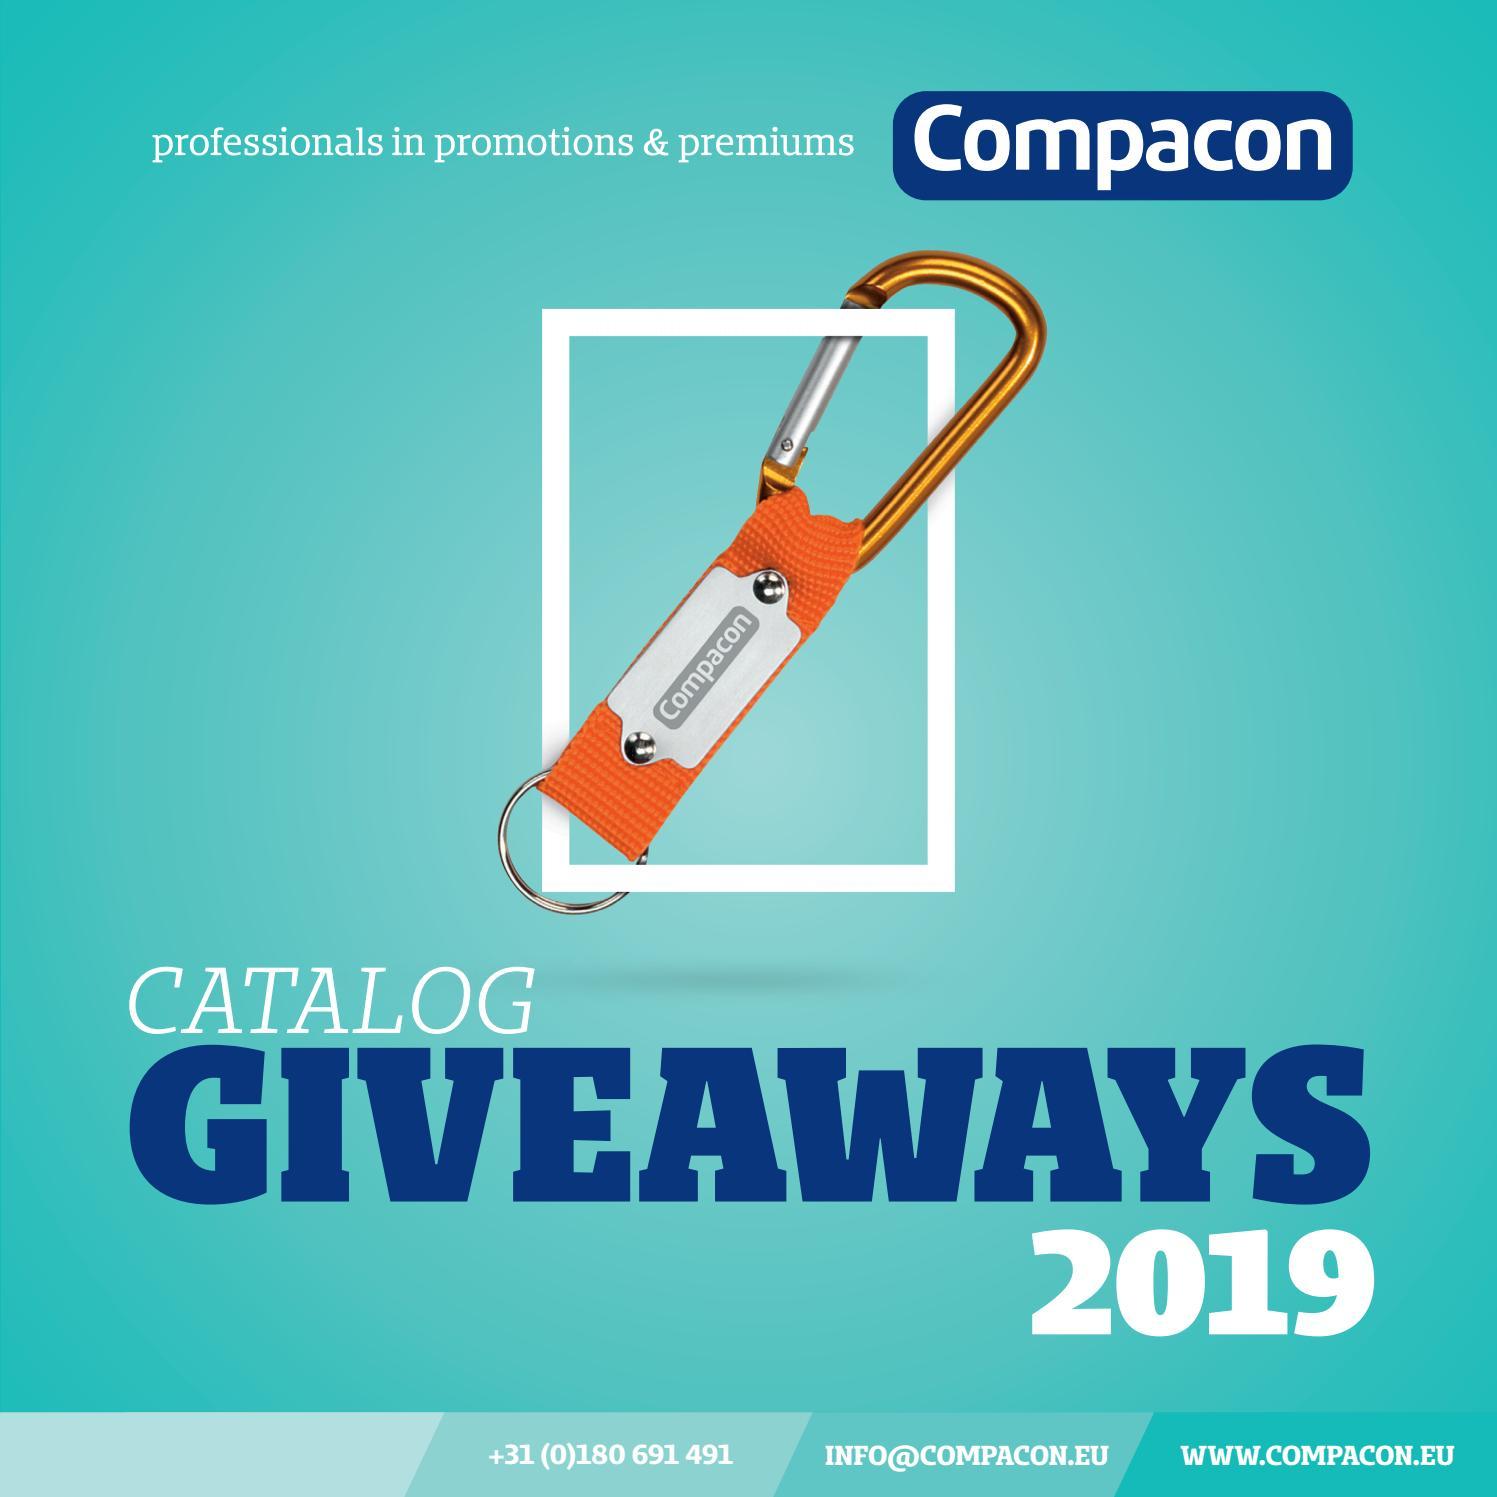 b5adcb933dd Compacon Clipper 2019 English by Marit van Ballegooijen - issuu